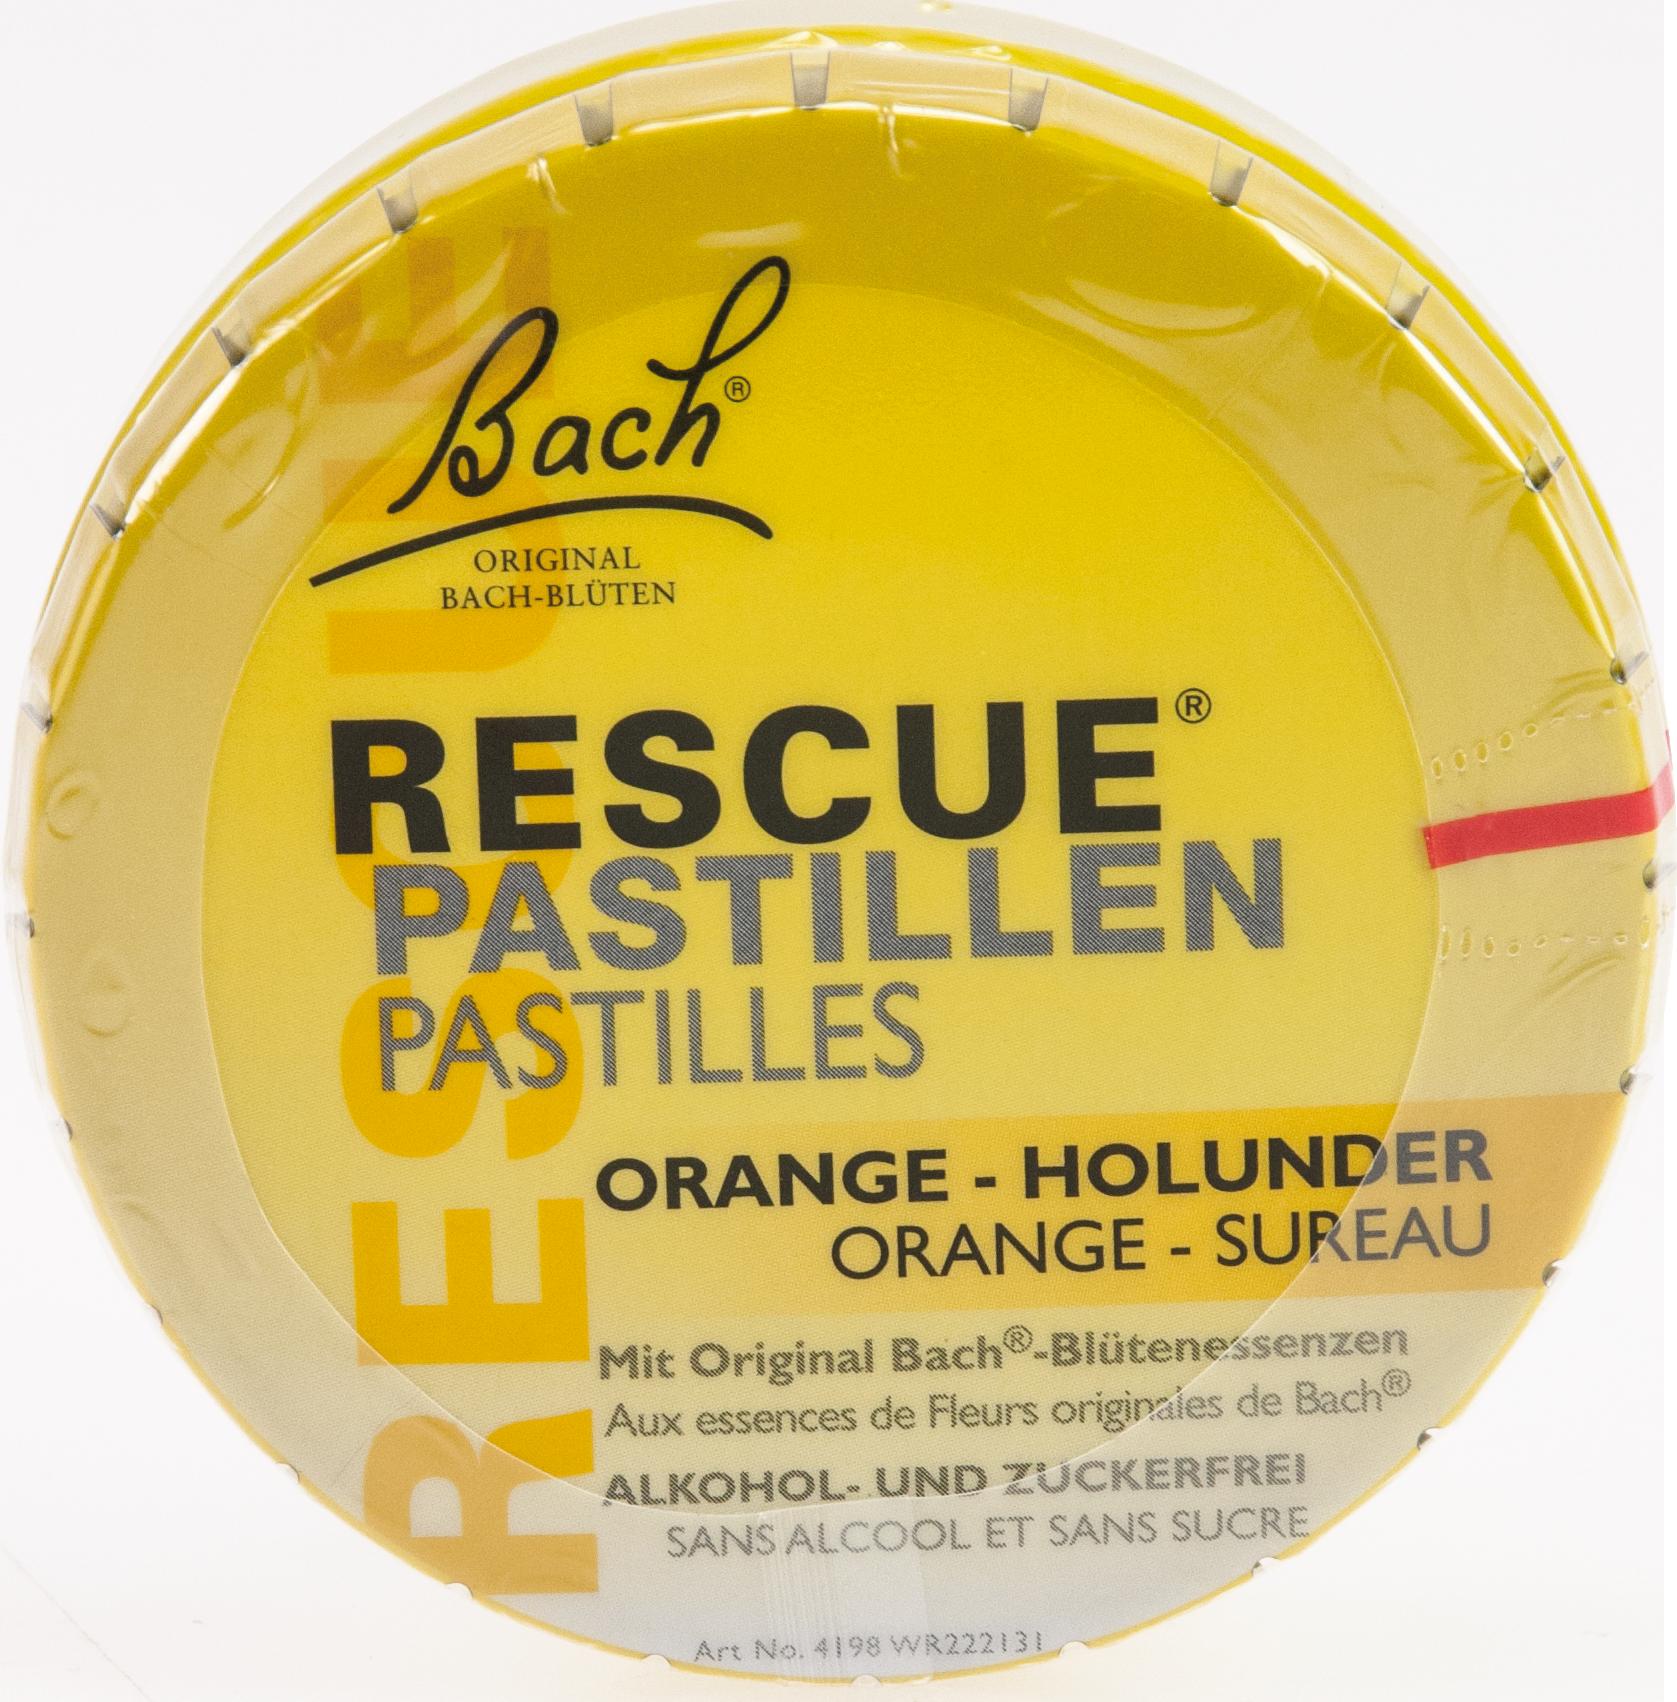 Bach Original Rescue Pastillen Orange-Holunder